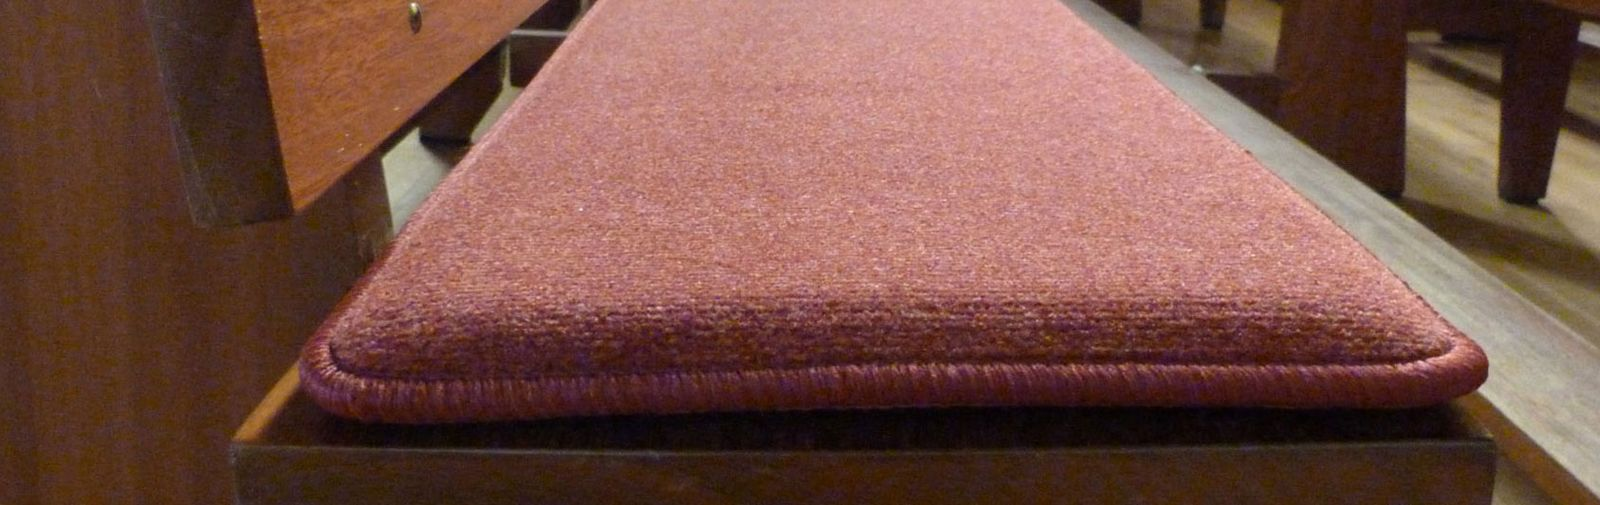 banc d'église coussin Samtplush Classic code couleur 1127 couleur brun rougeâtre